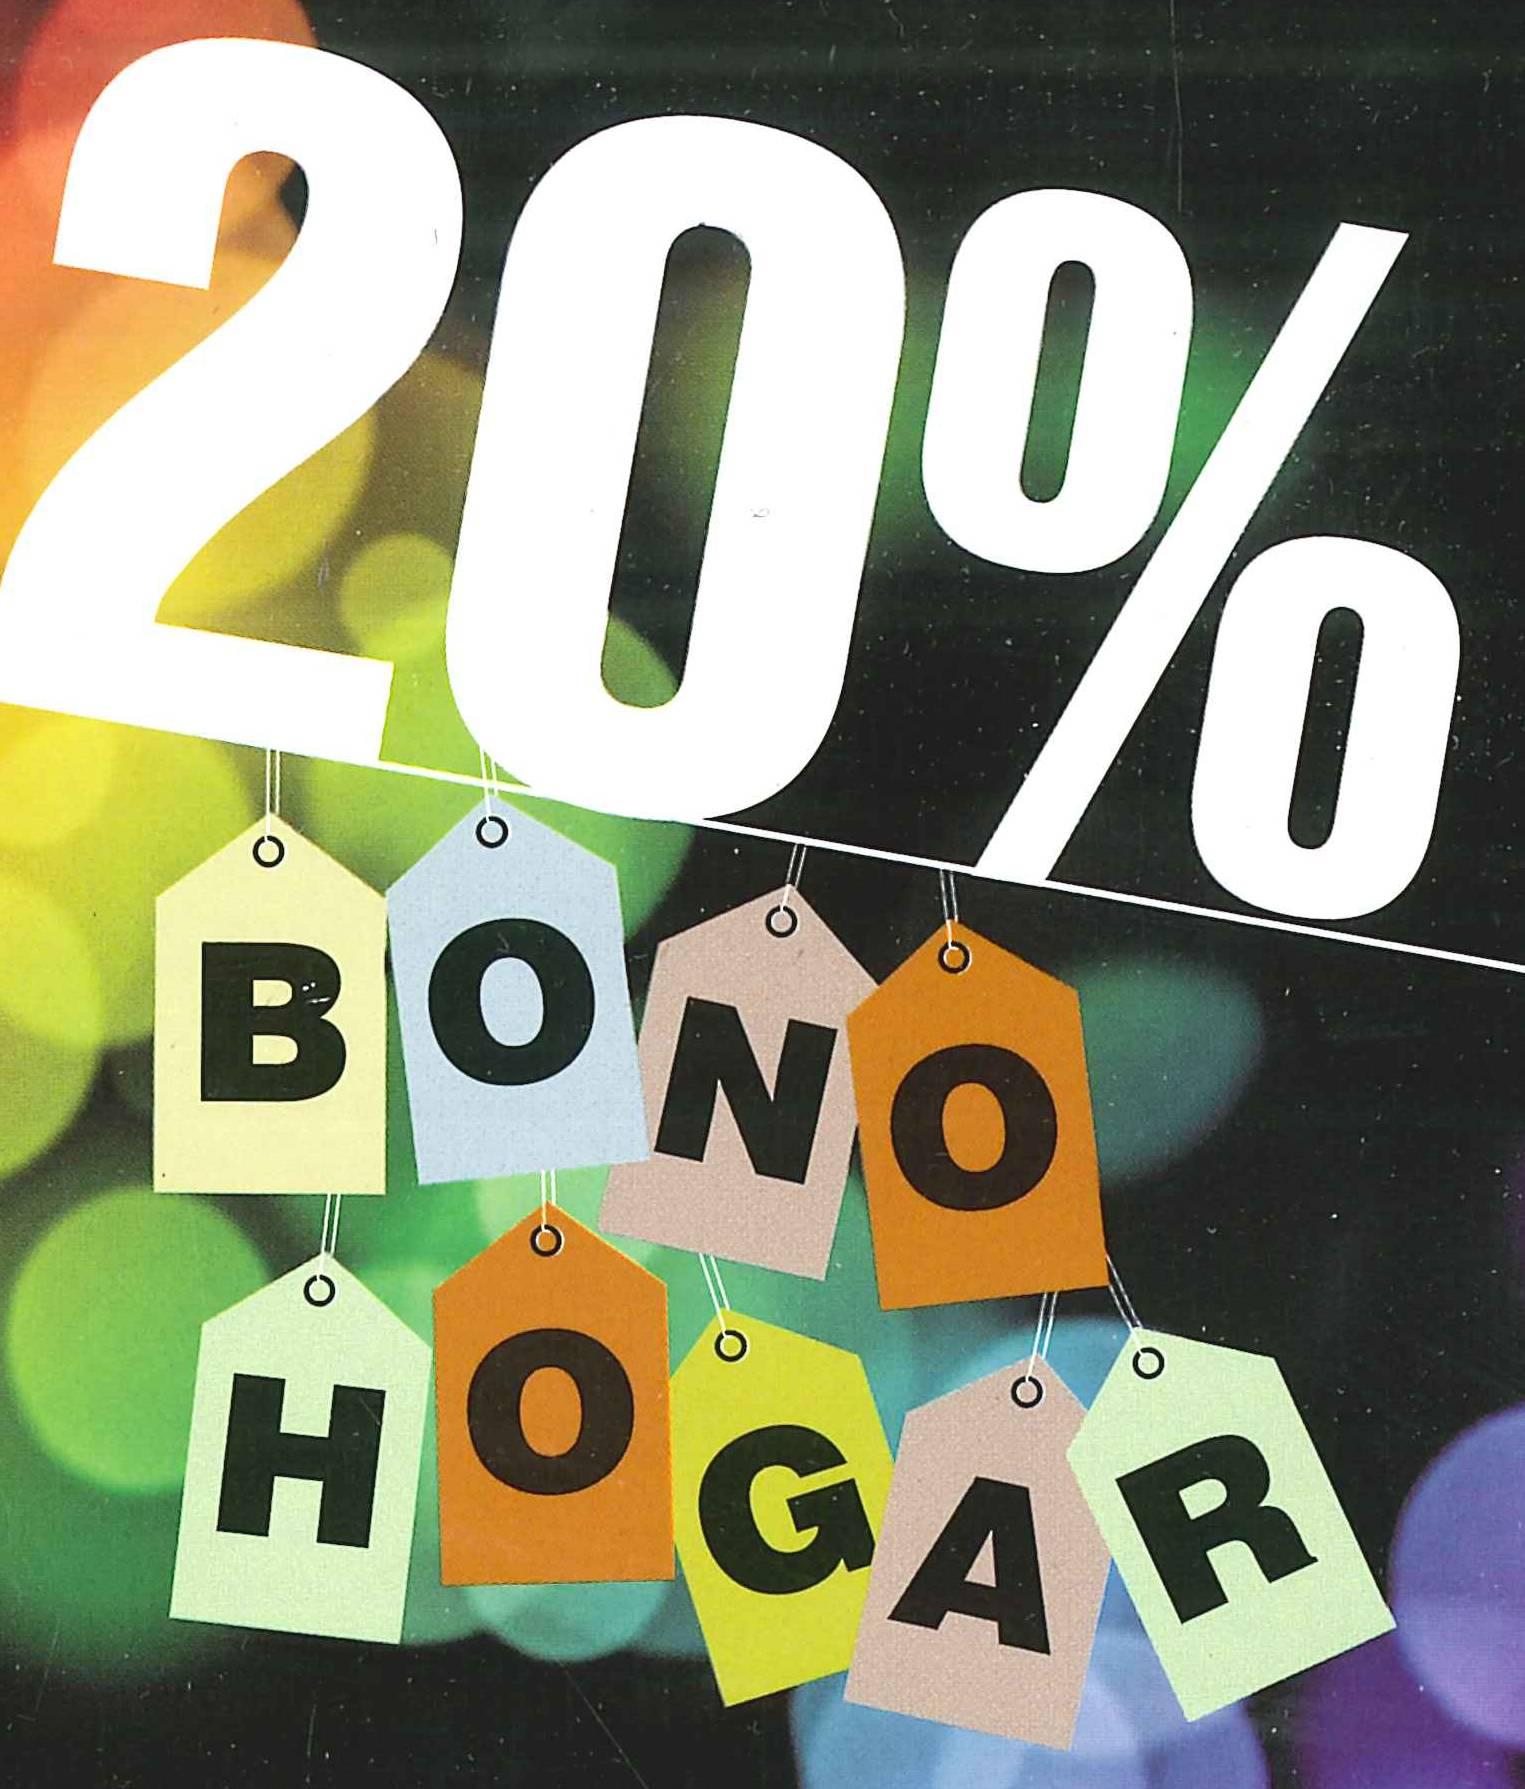 logo bono hogar 2013